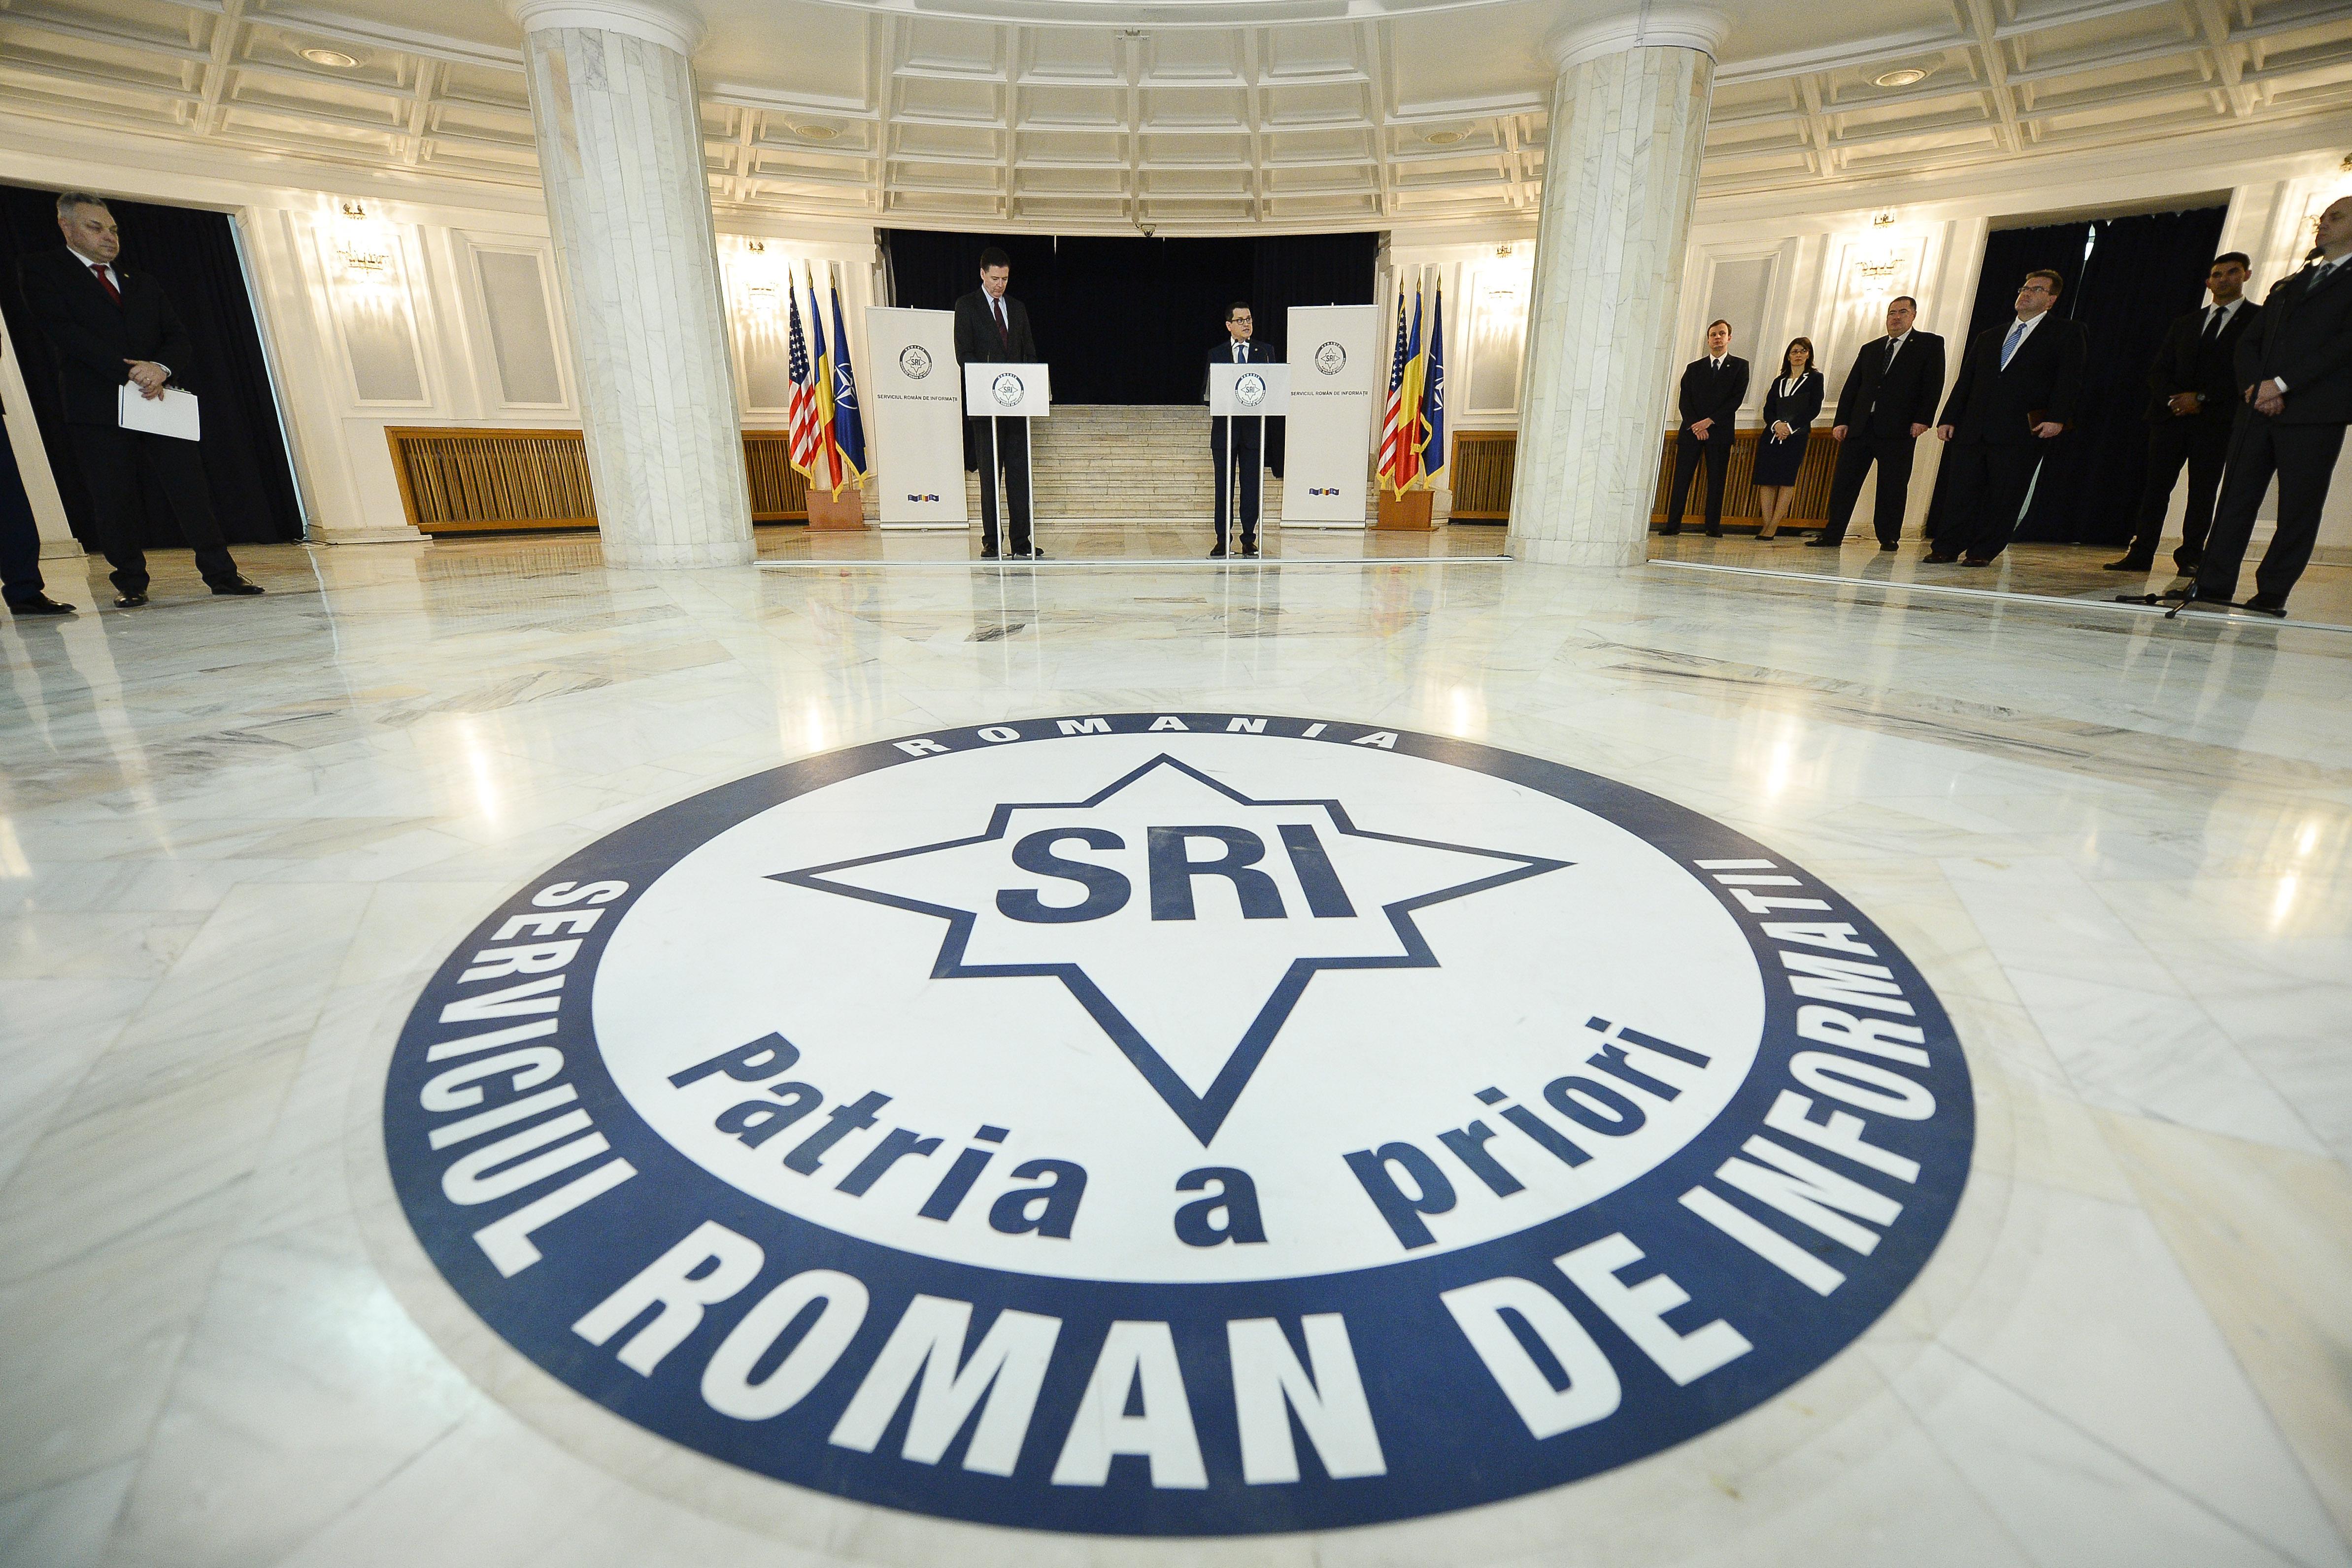 Comisia SRI, a doua întâlnire cu conducerea SRI, în două săptămâni